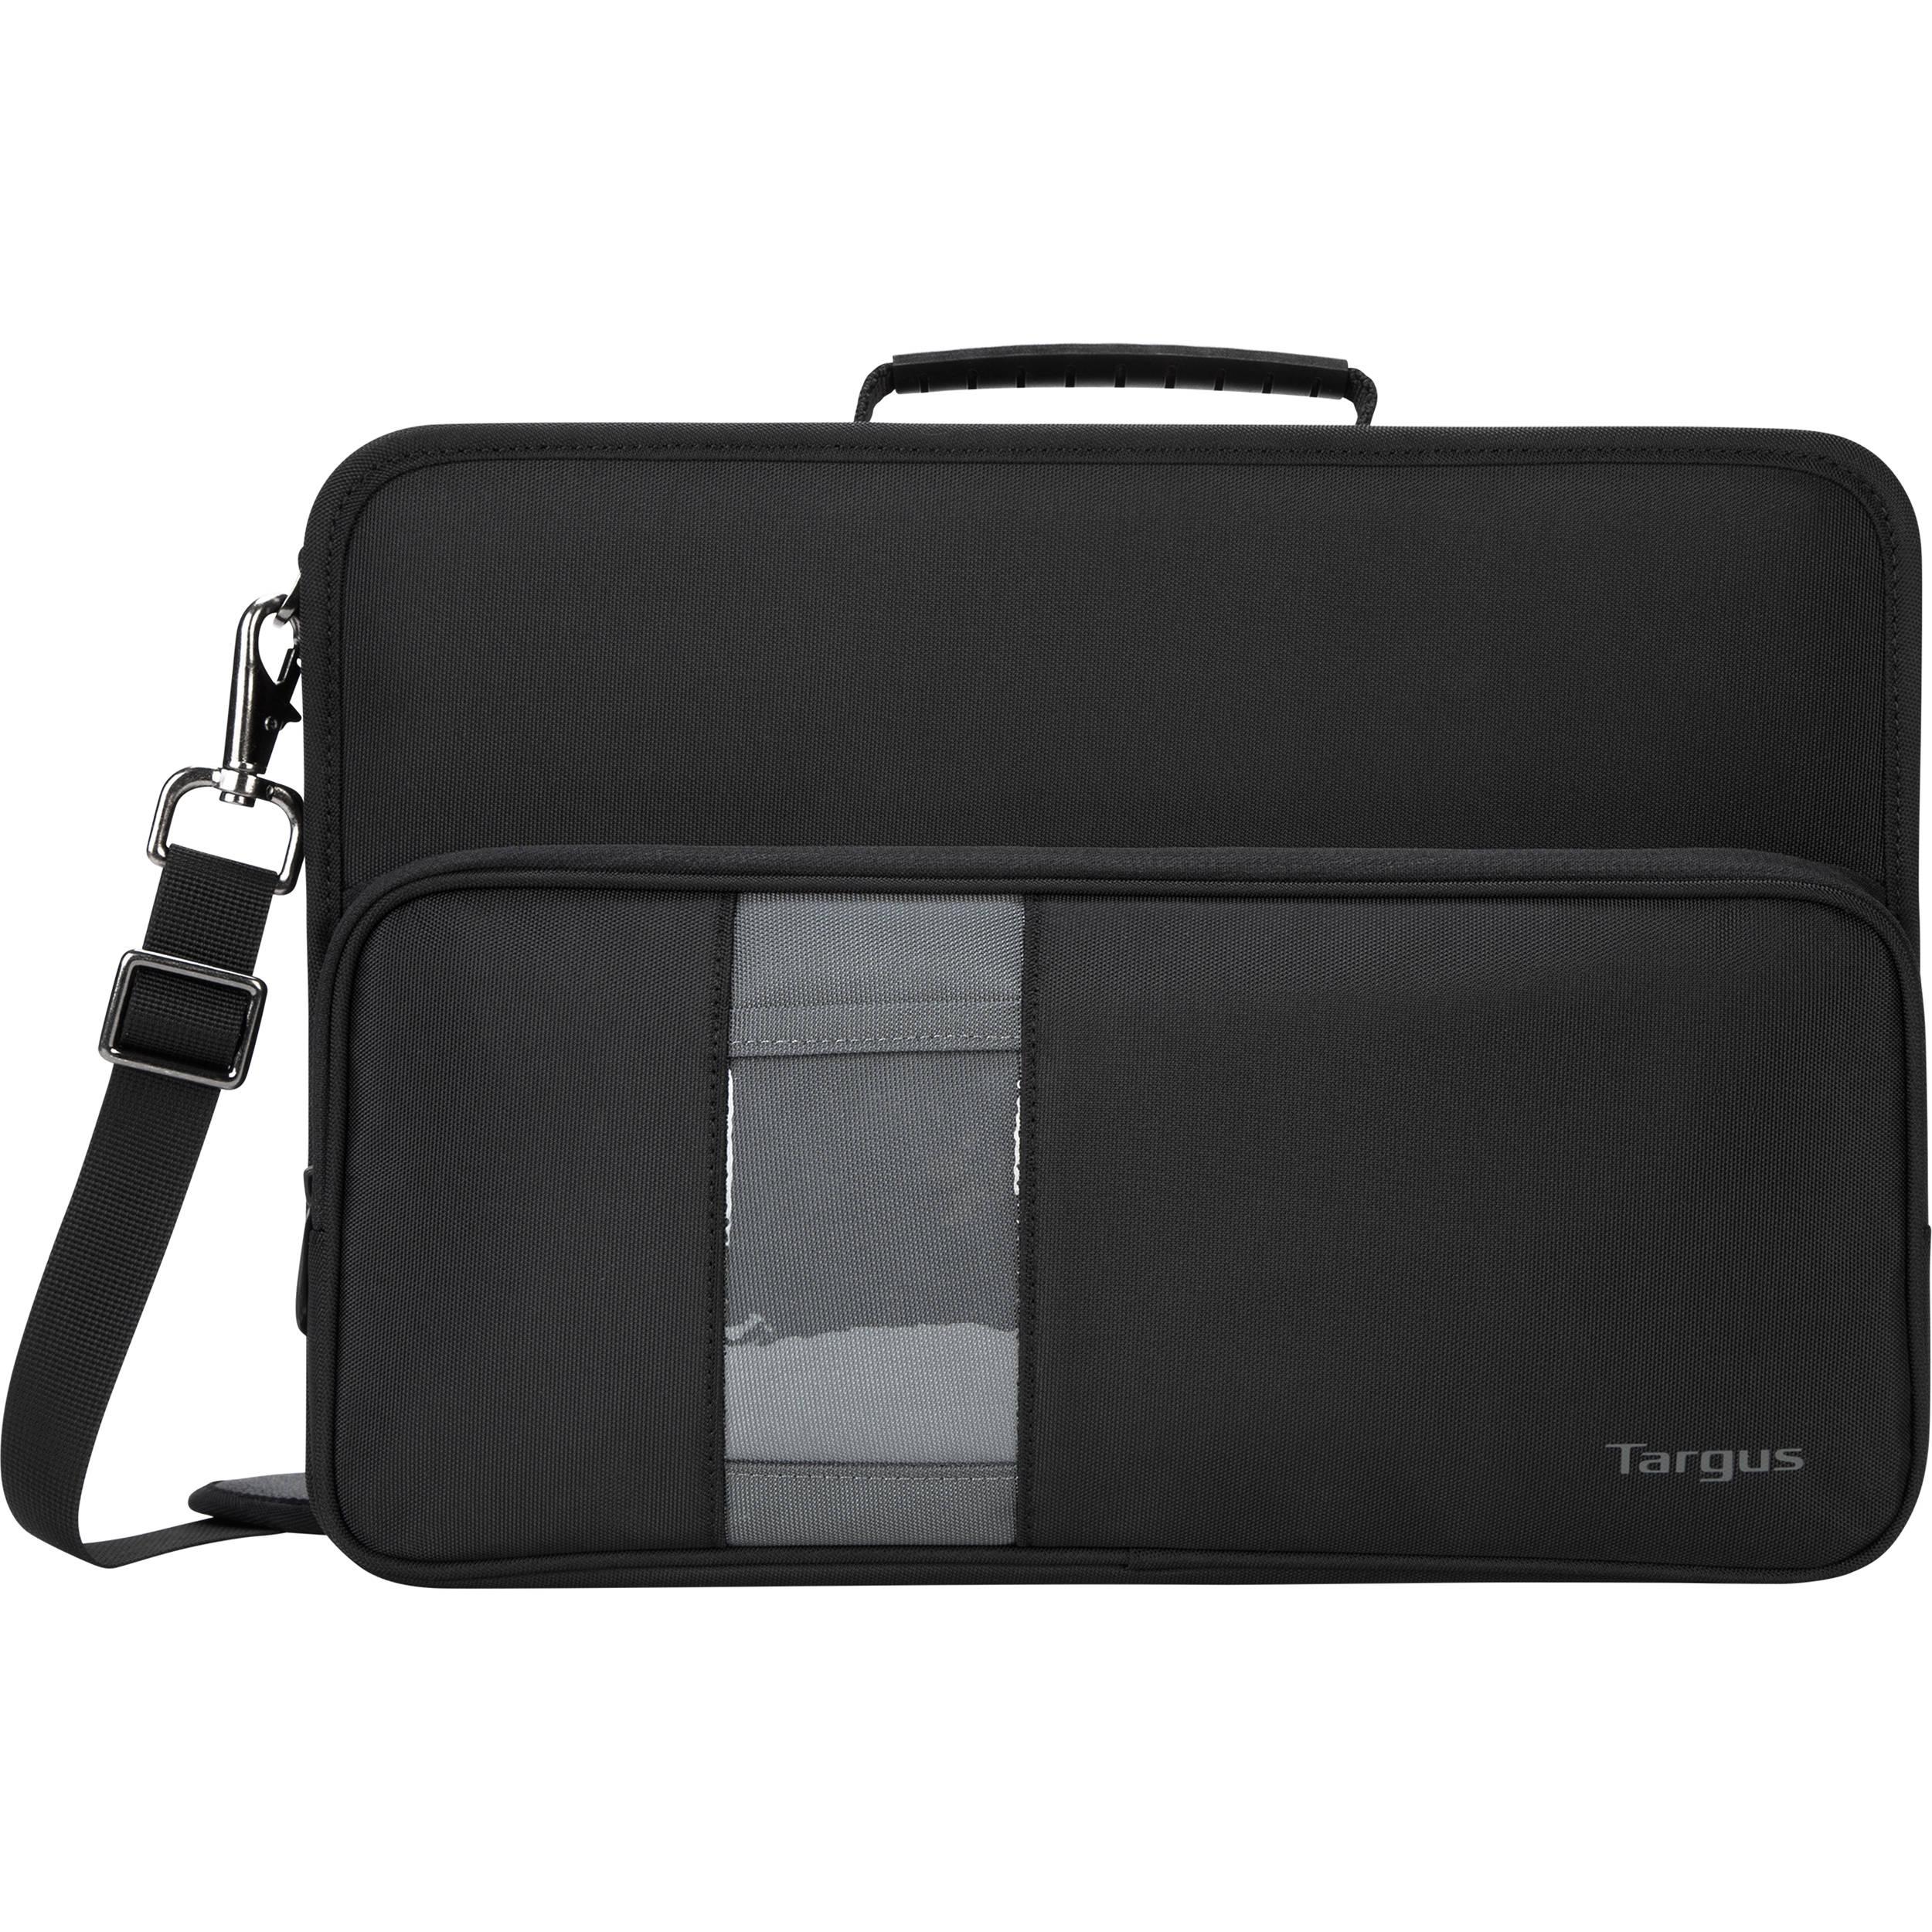 Targus 14 Work In Notebook Bag